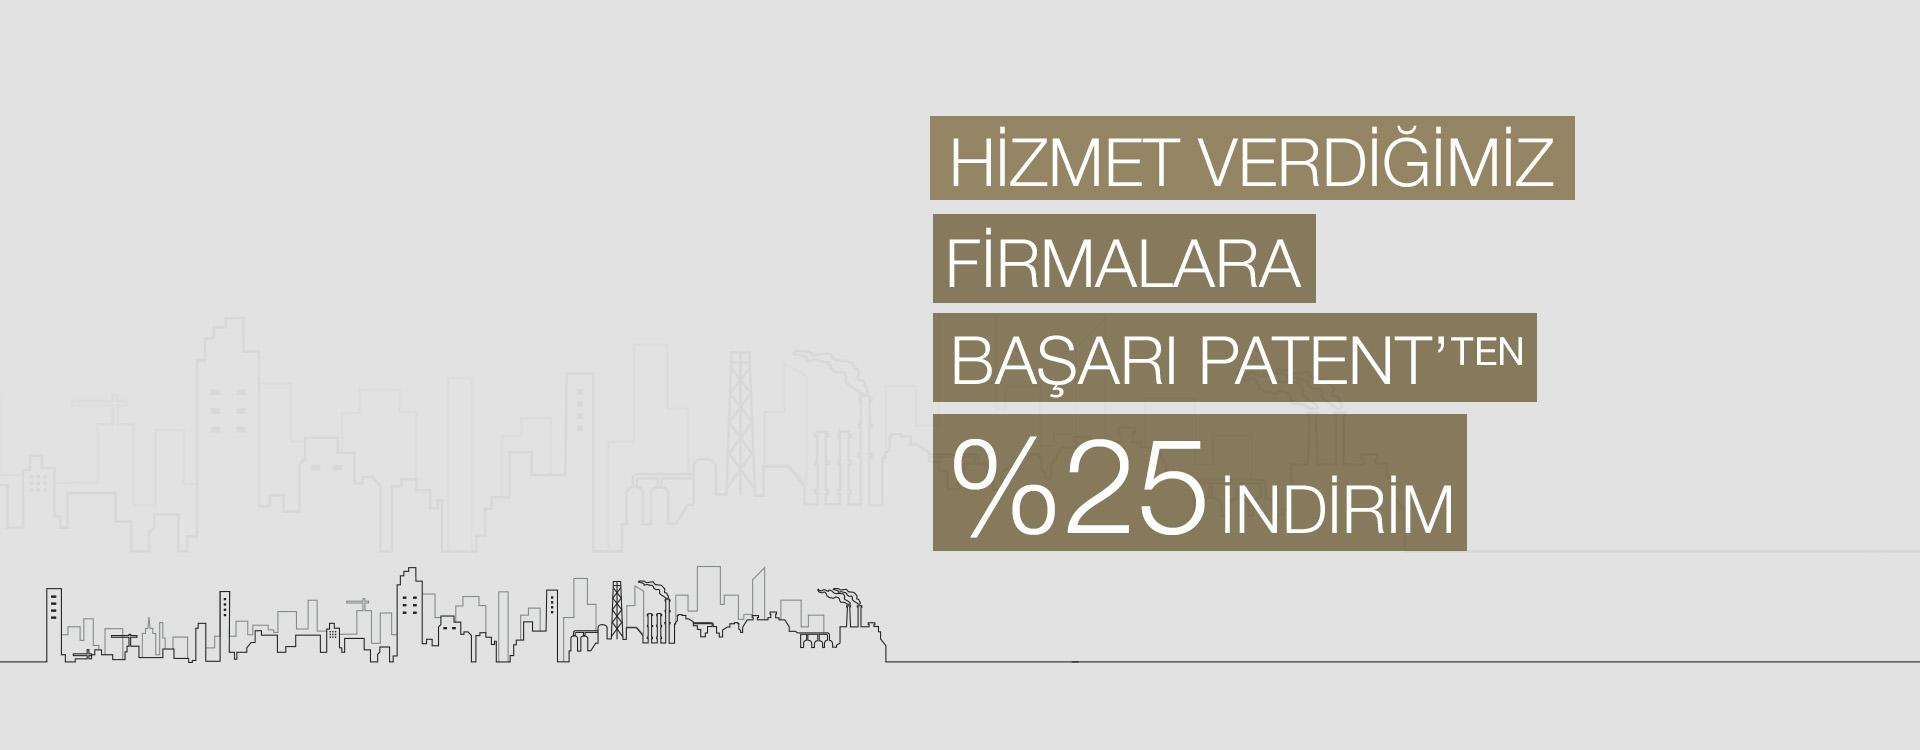 Hizmet verdiğimiz firmalara Başarı Patent'ten %25 indirim.